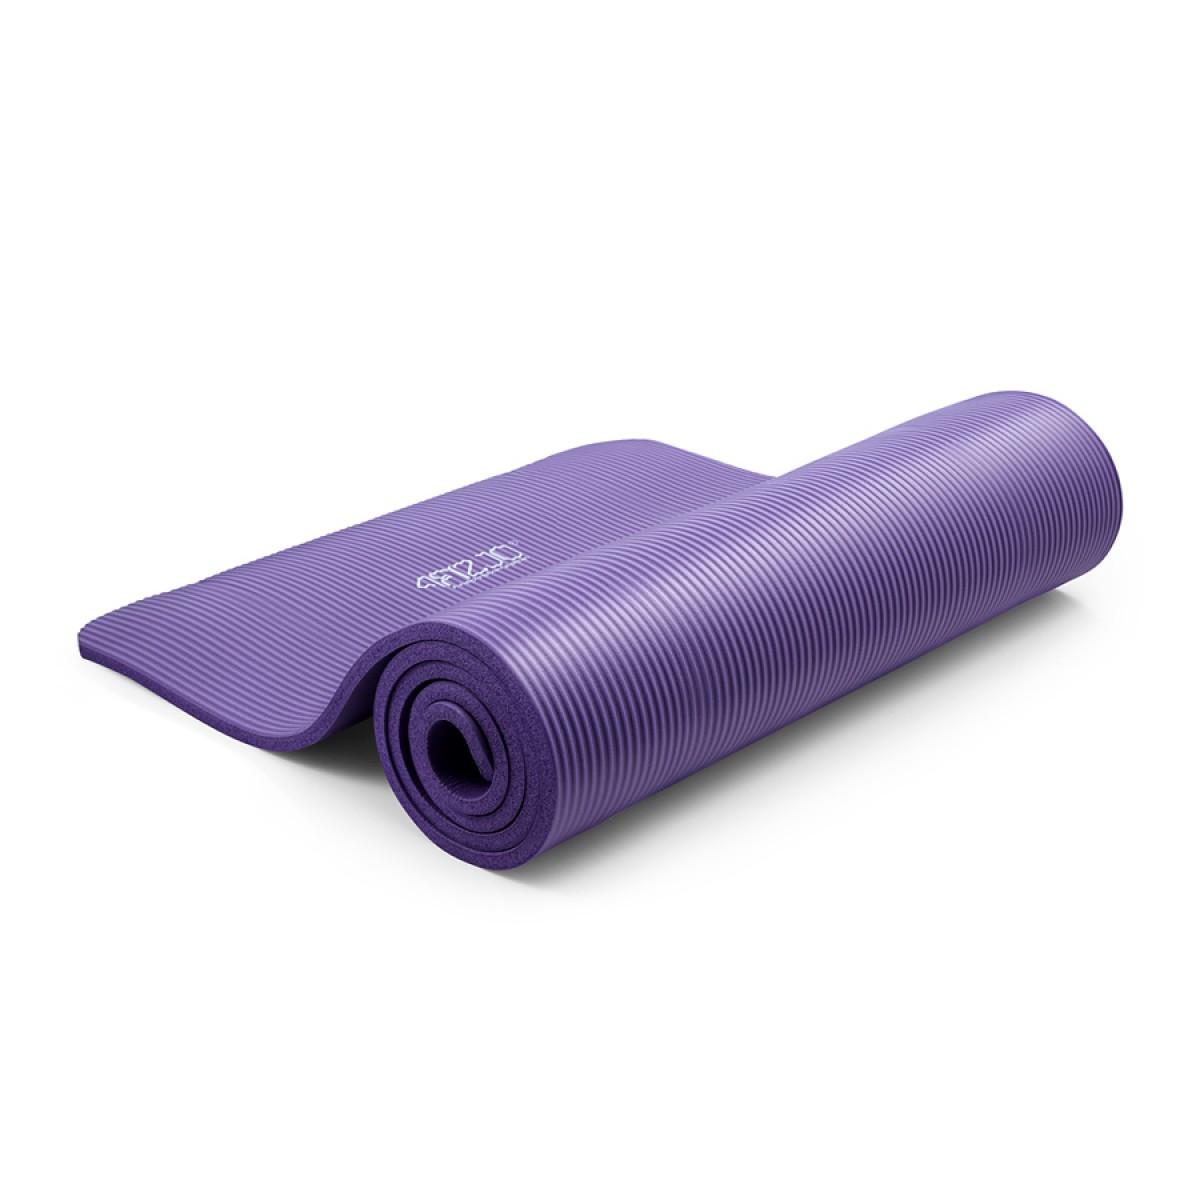 Килимок мат для йоги та фітнесу 4FIZJO NBR 1.5 см 4FJ0151 Violet